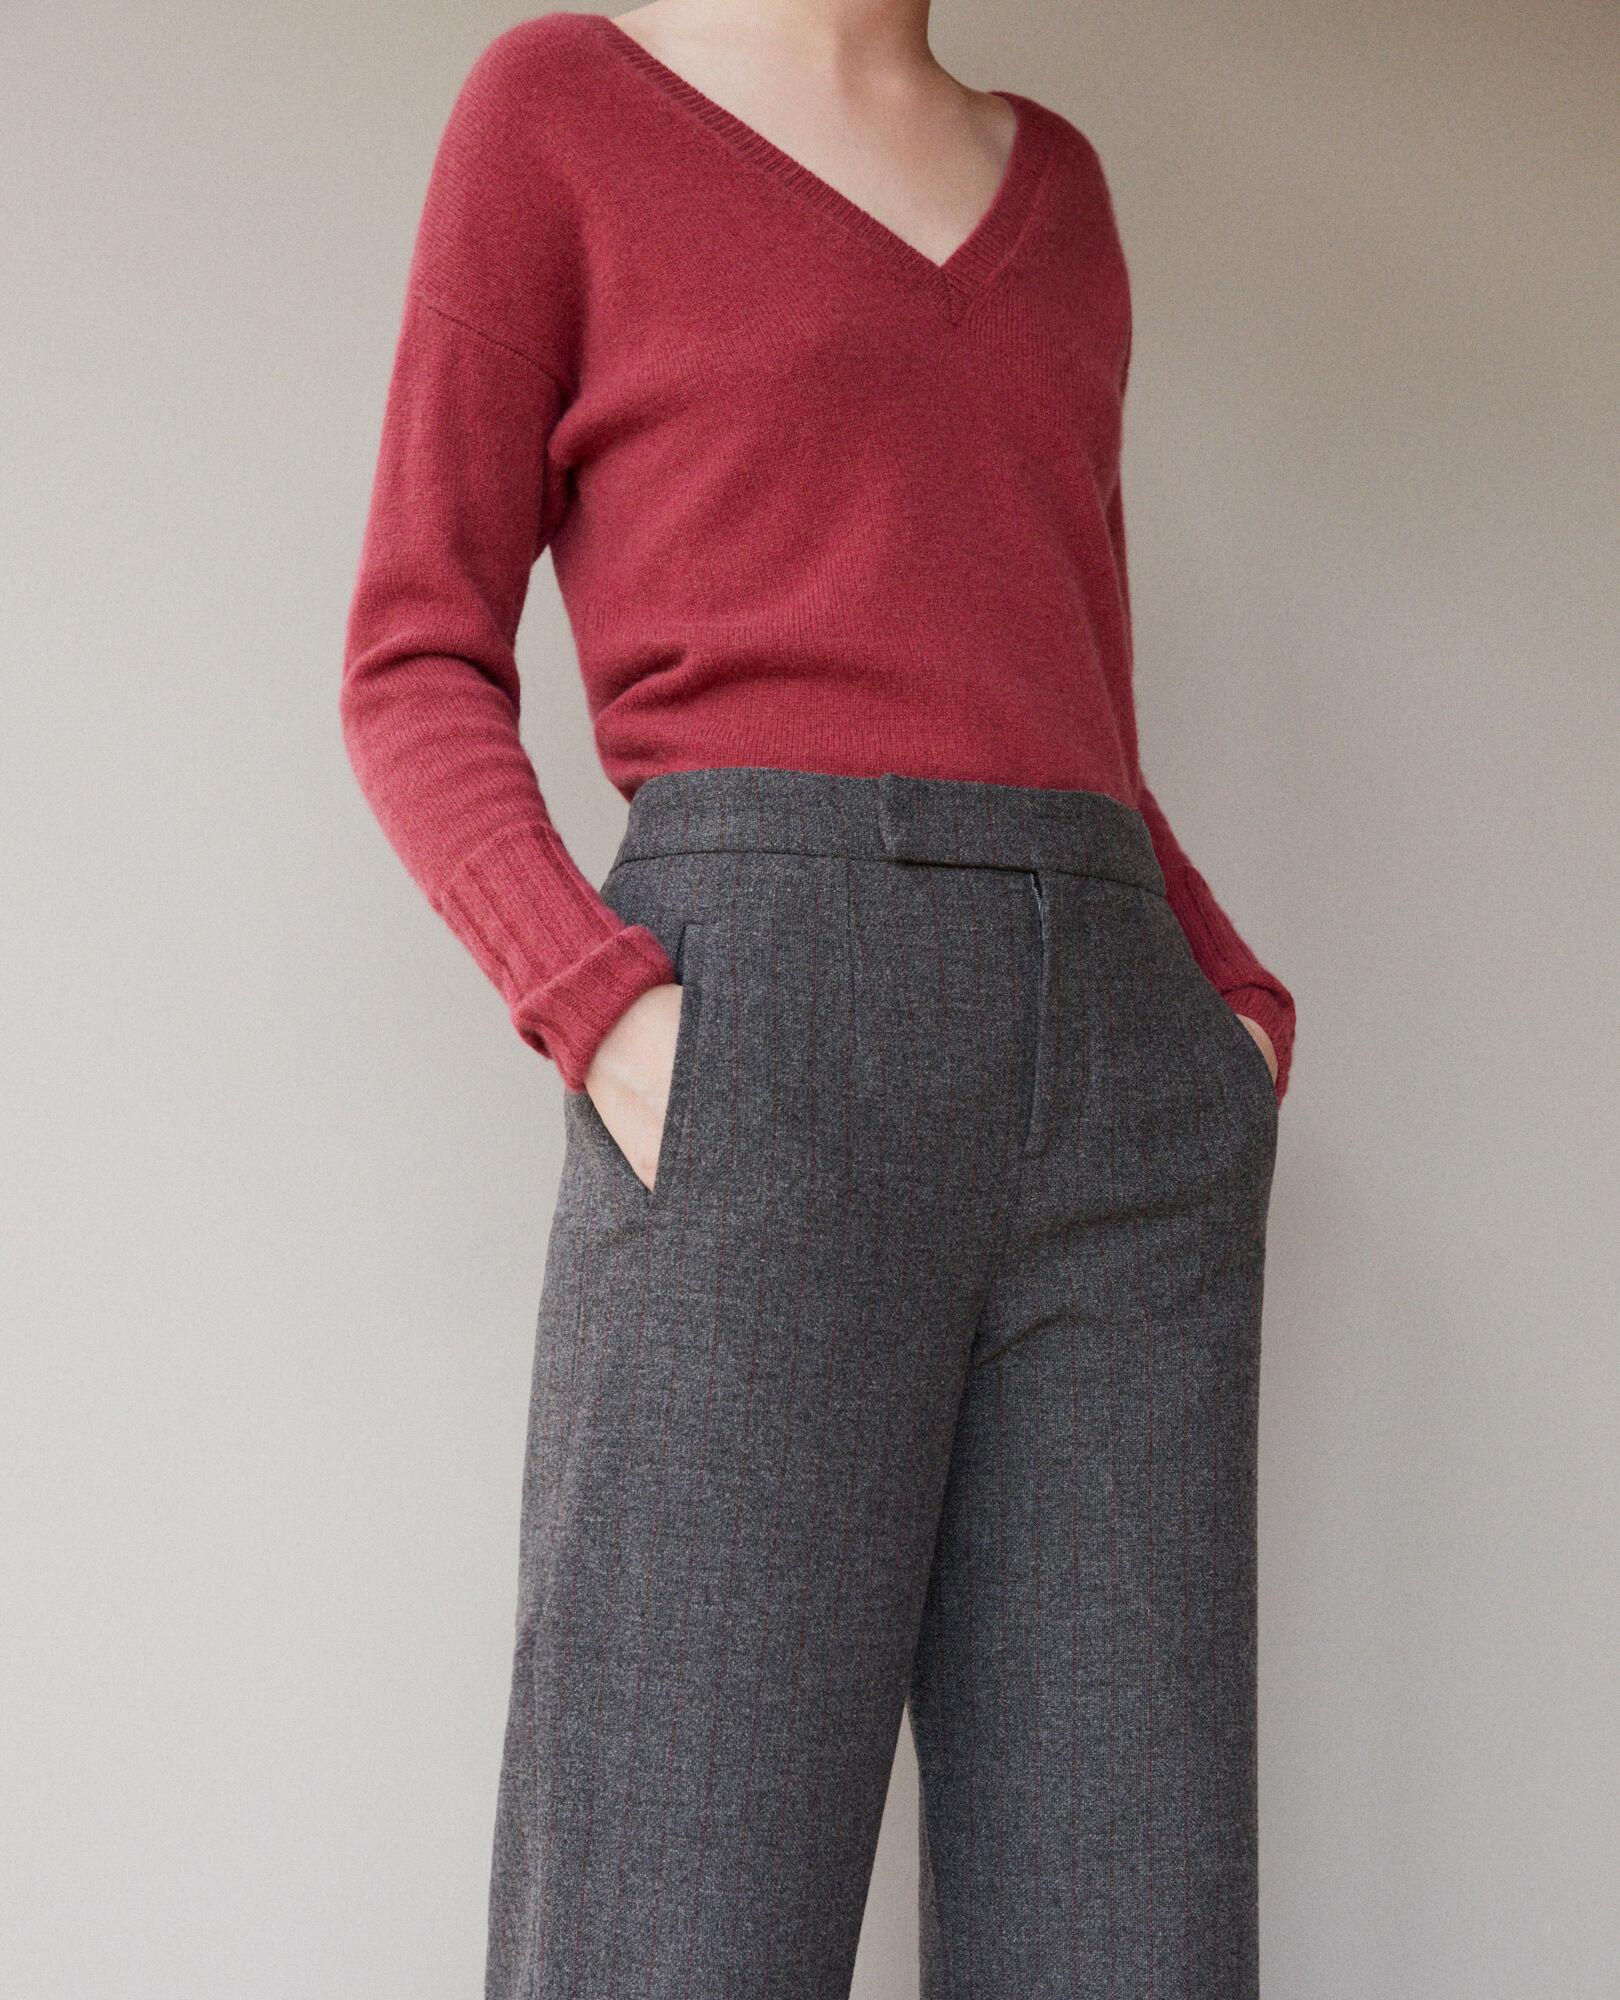 Pantalon Épais Grey Épais Heather Pantalon Pantalon Dark Grey Heather Dark 9I2DEH